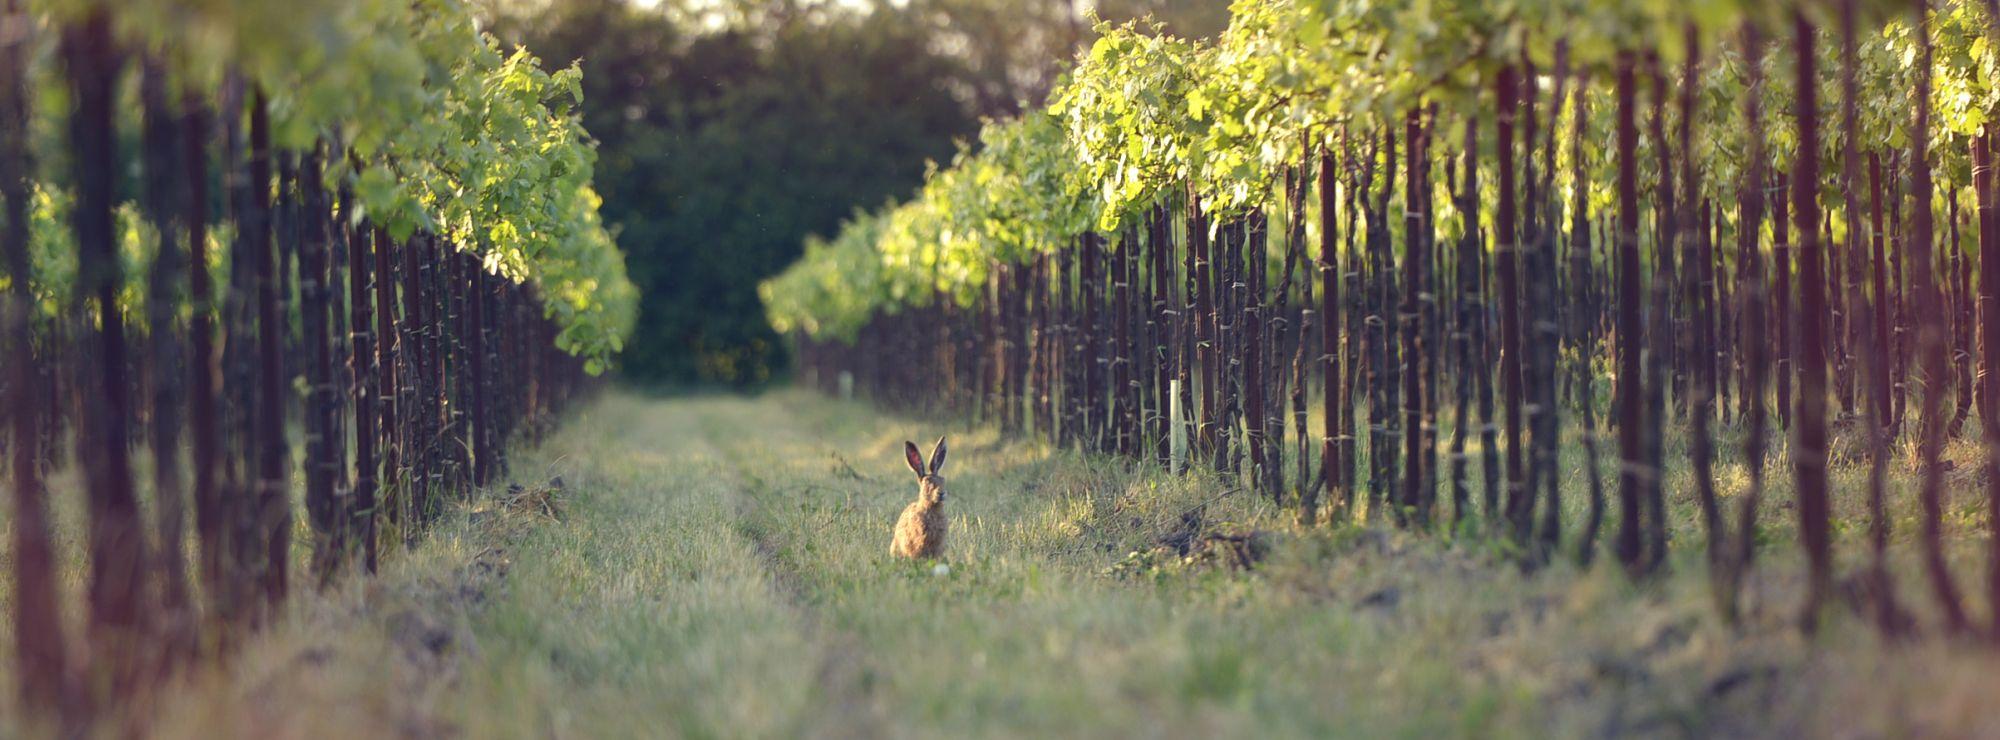 Hare in fields